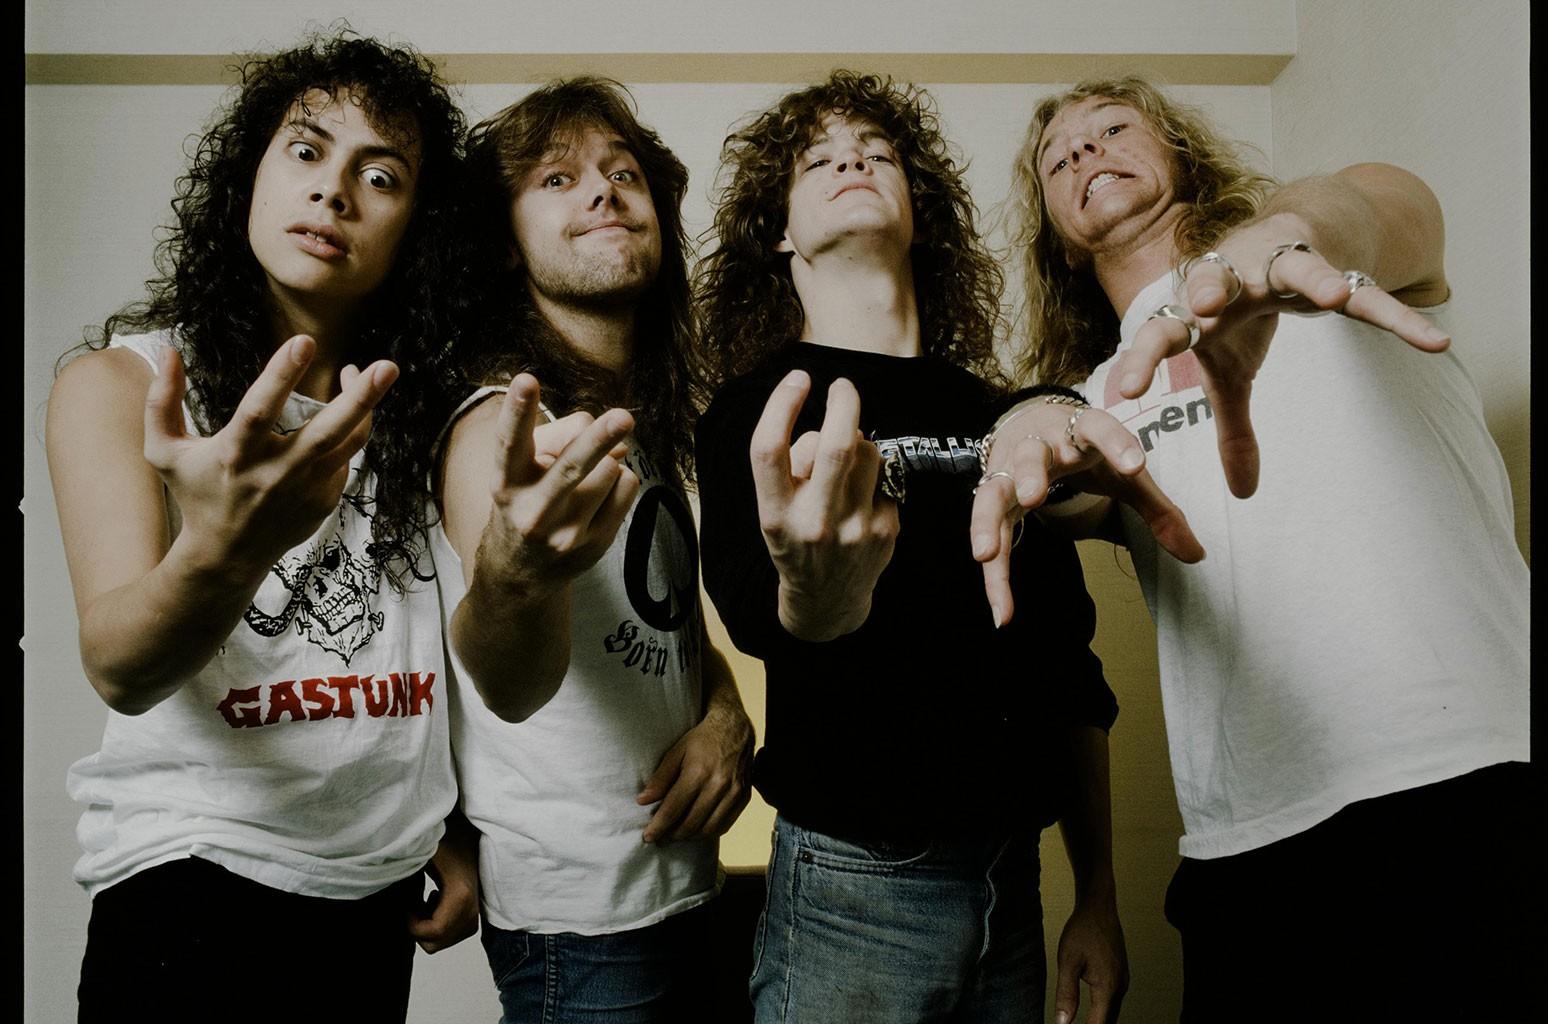 Они посмеялись над ее рубашкой Metallica, и эта звезда TikTok продолжила растопить их лица